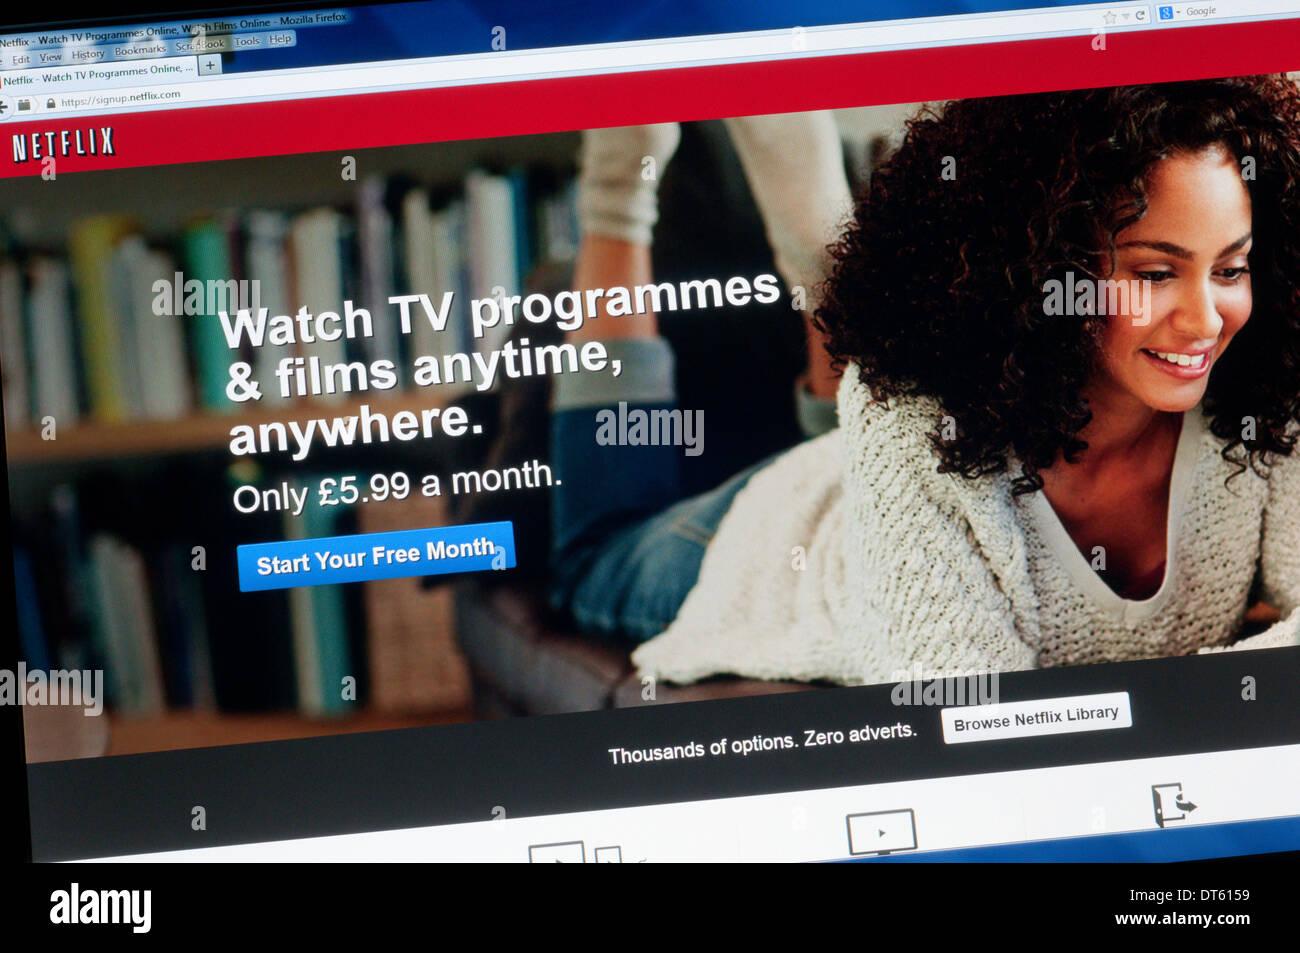 La page d'accueil d'un fournisseur de Netflix sur Internet à la demande Streaming TV et films. Photo Stock